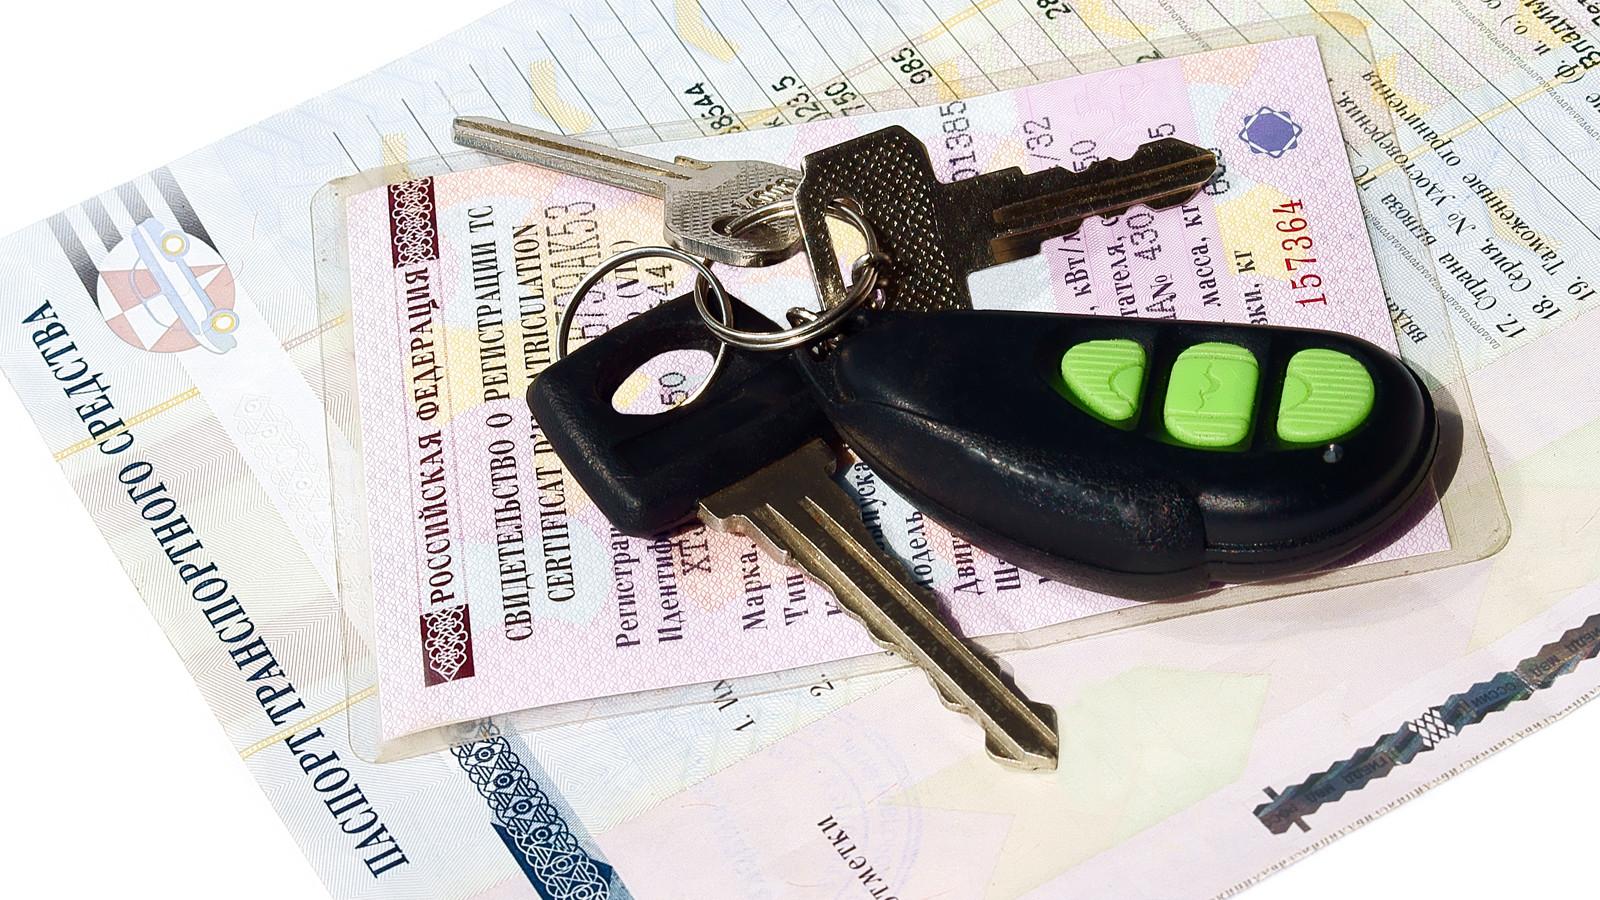 Зарегистрировать автомобиль можно будет в автомобильном салоне